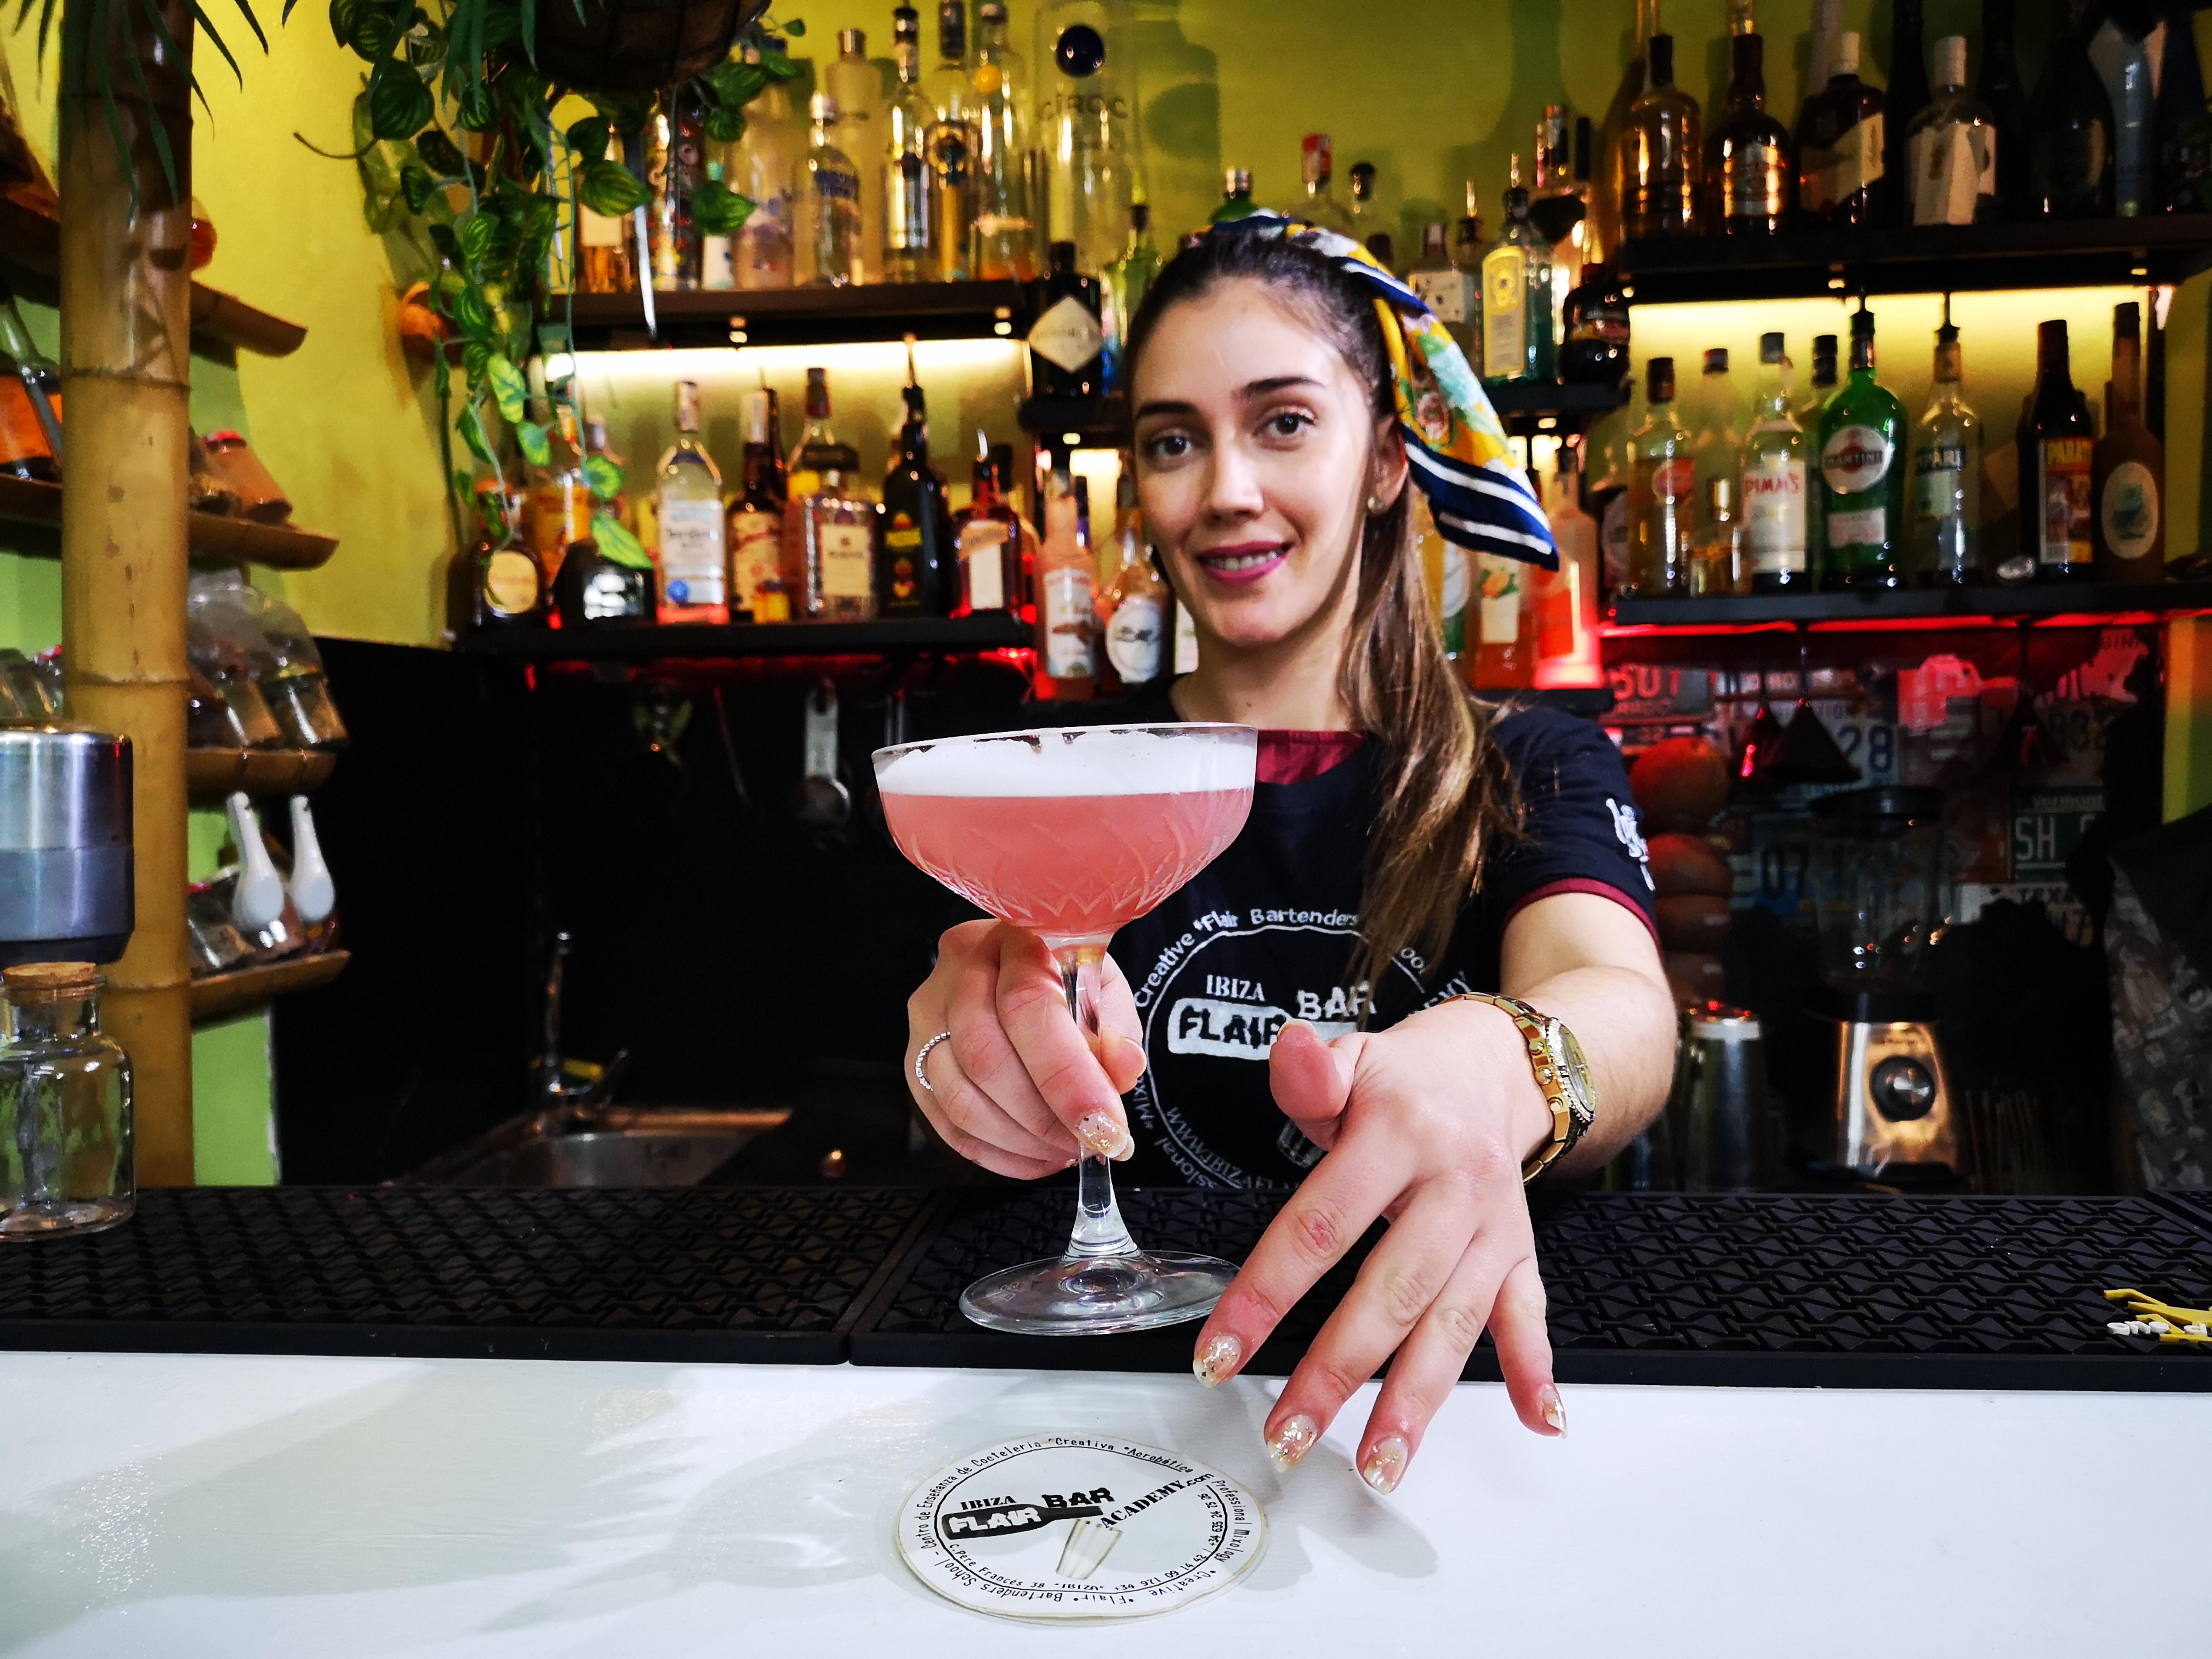 curso de cocteleria en ibiza, bartender